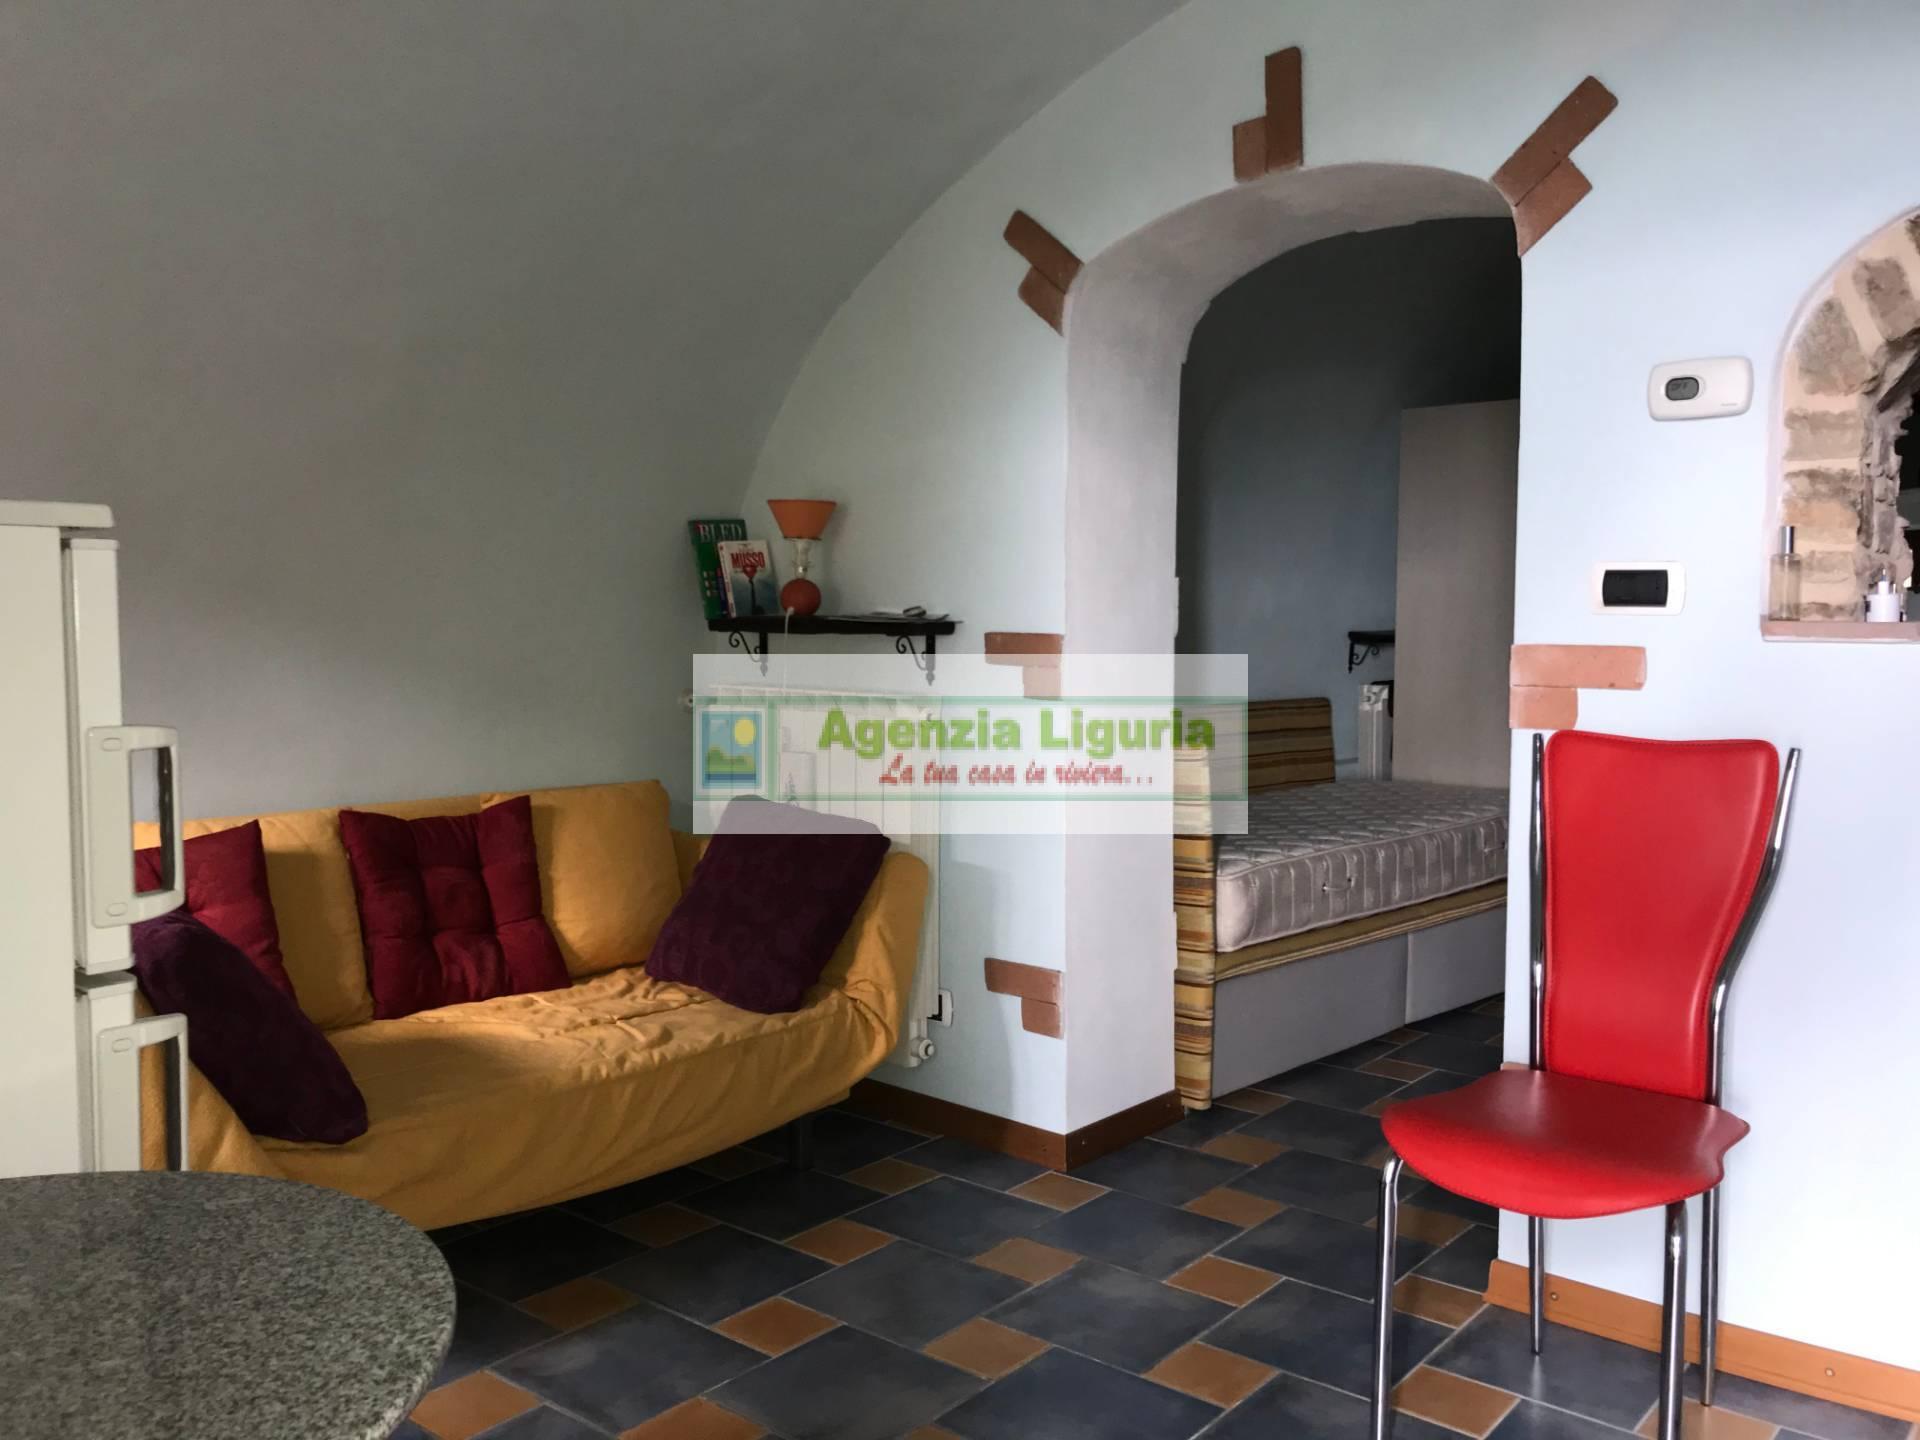 Appartamento in vendita a Perinaldo, 2 locali, prezzo € 75.000 | PortaleAgenzieImmobiliari.it